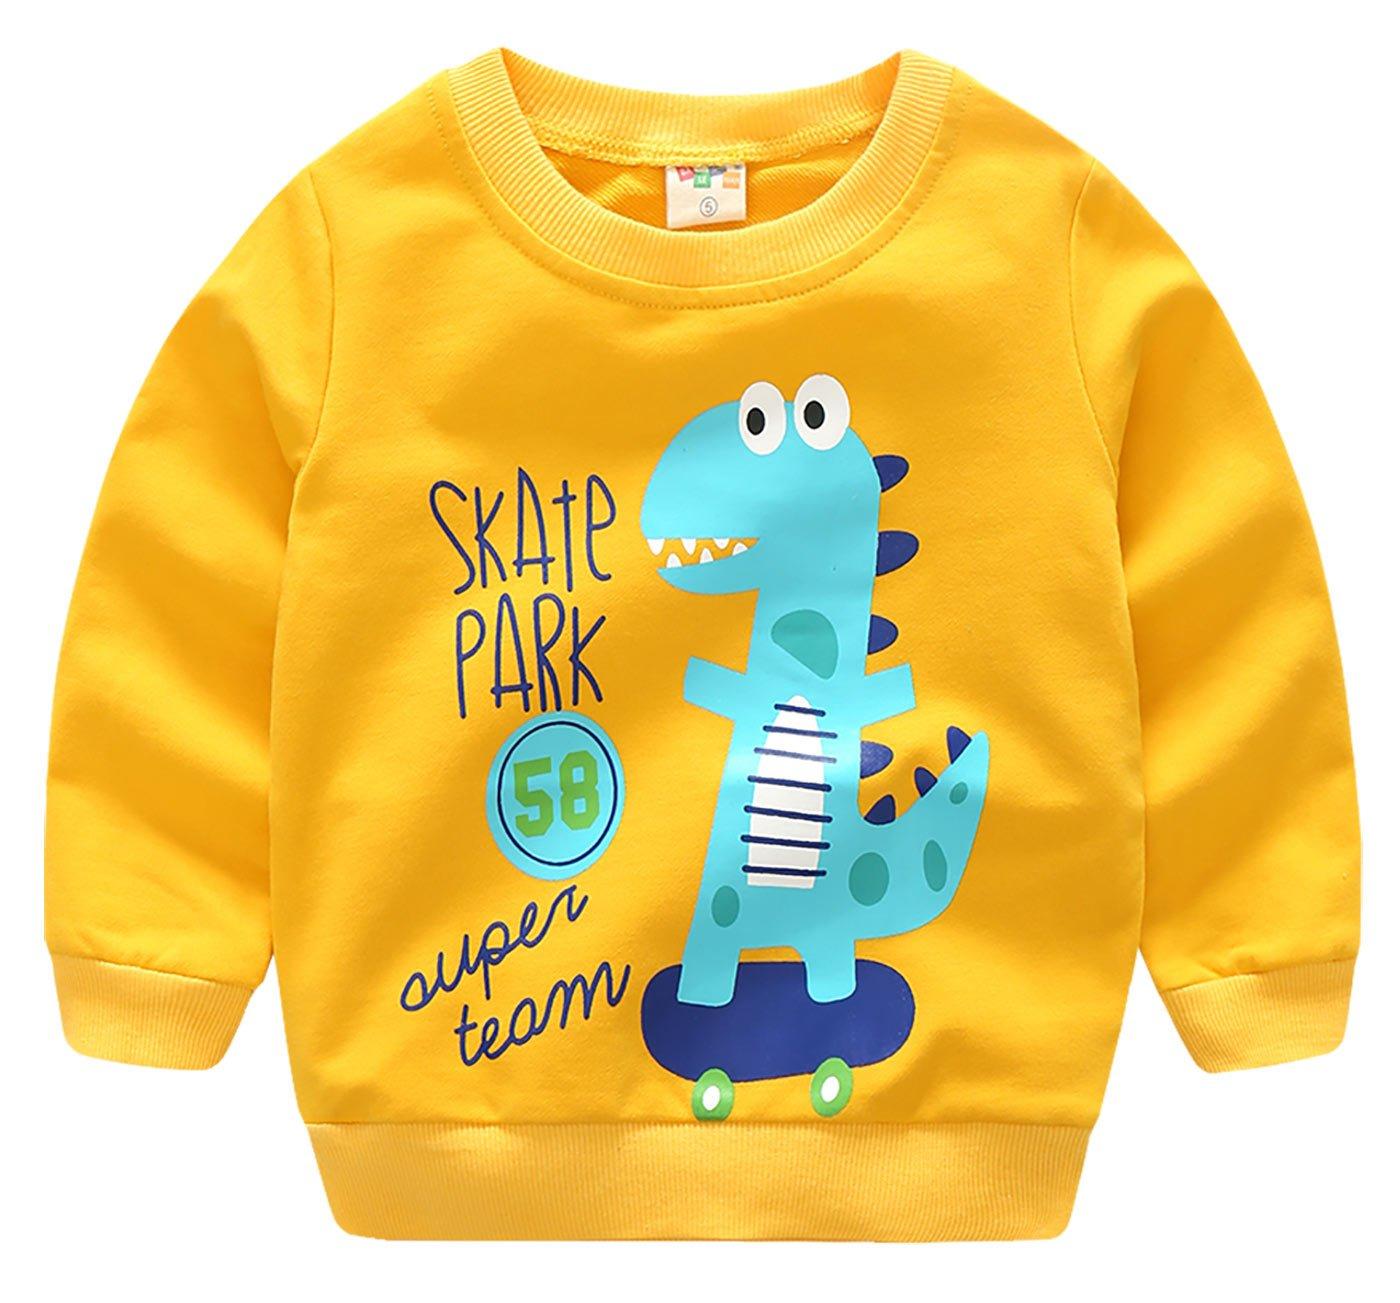 Little Boys' Long Sleeve Shirt Toddler Long Sleeve Tops Pullover Shirts For Boys Ginger Dinosaur 4T